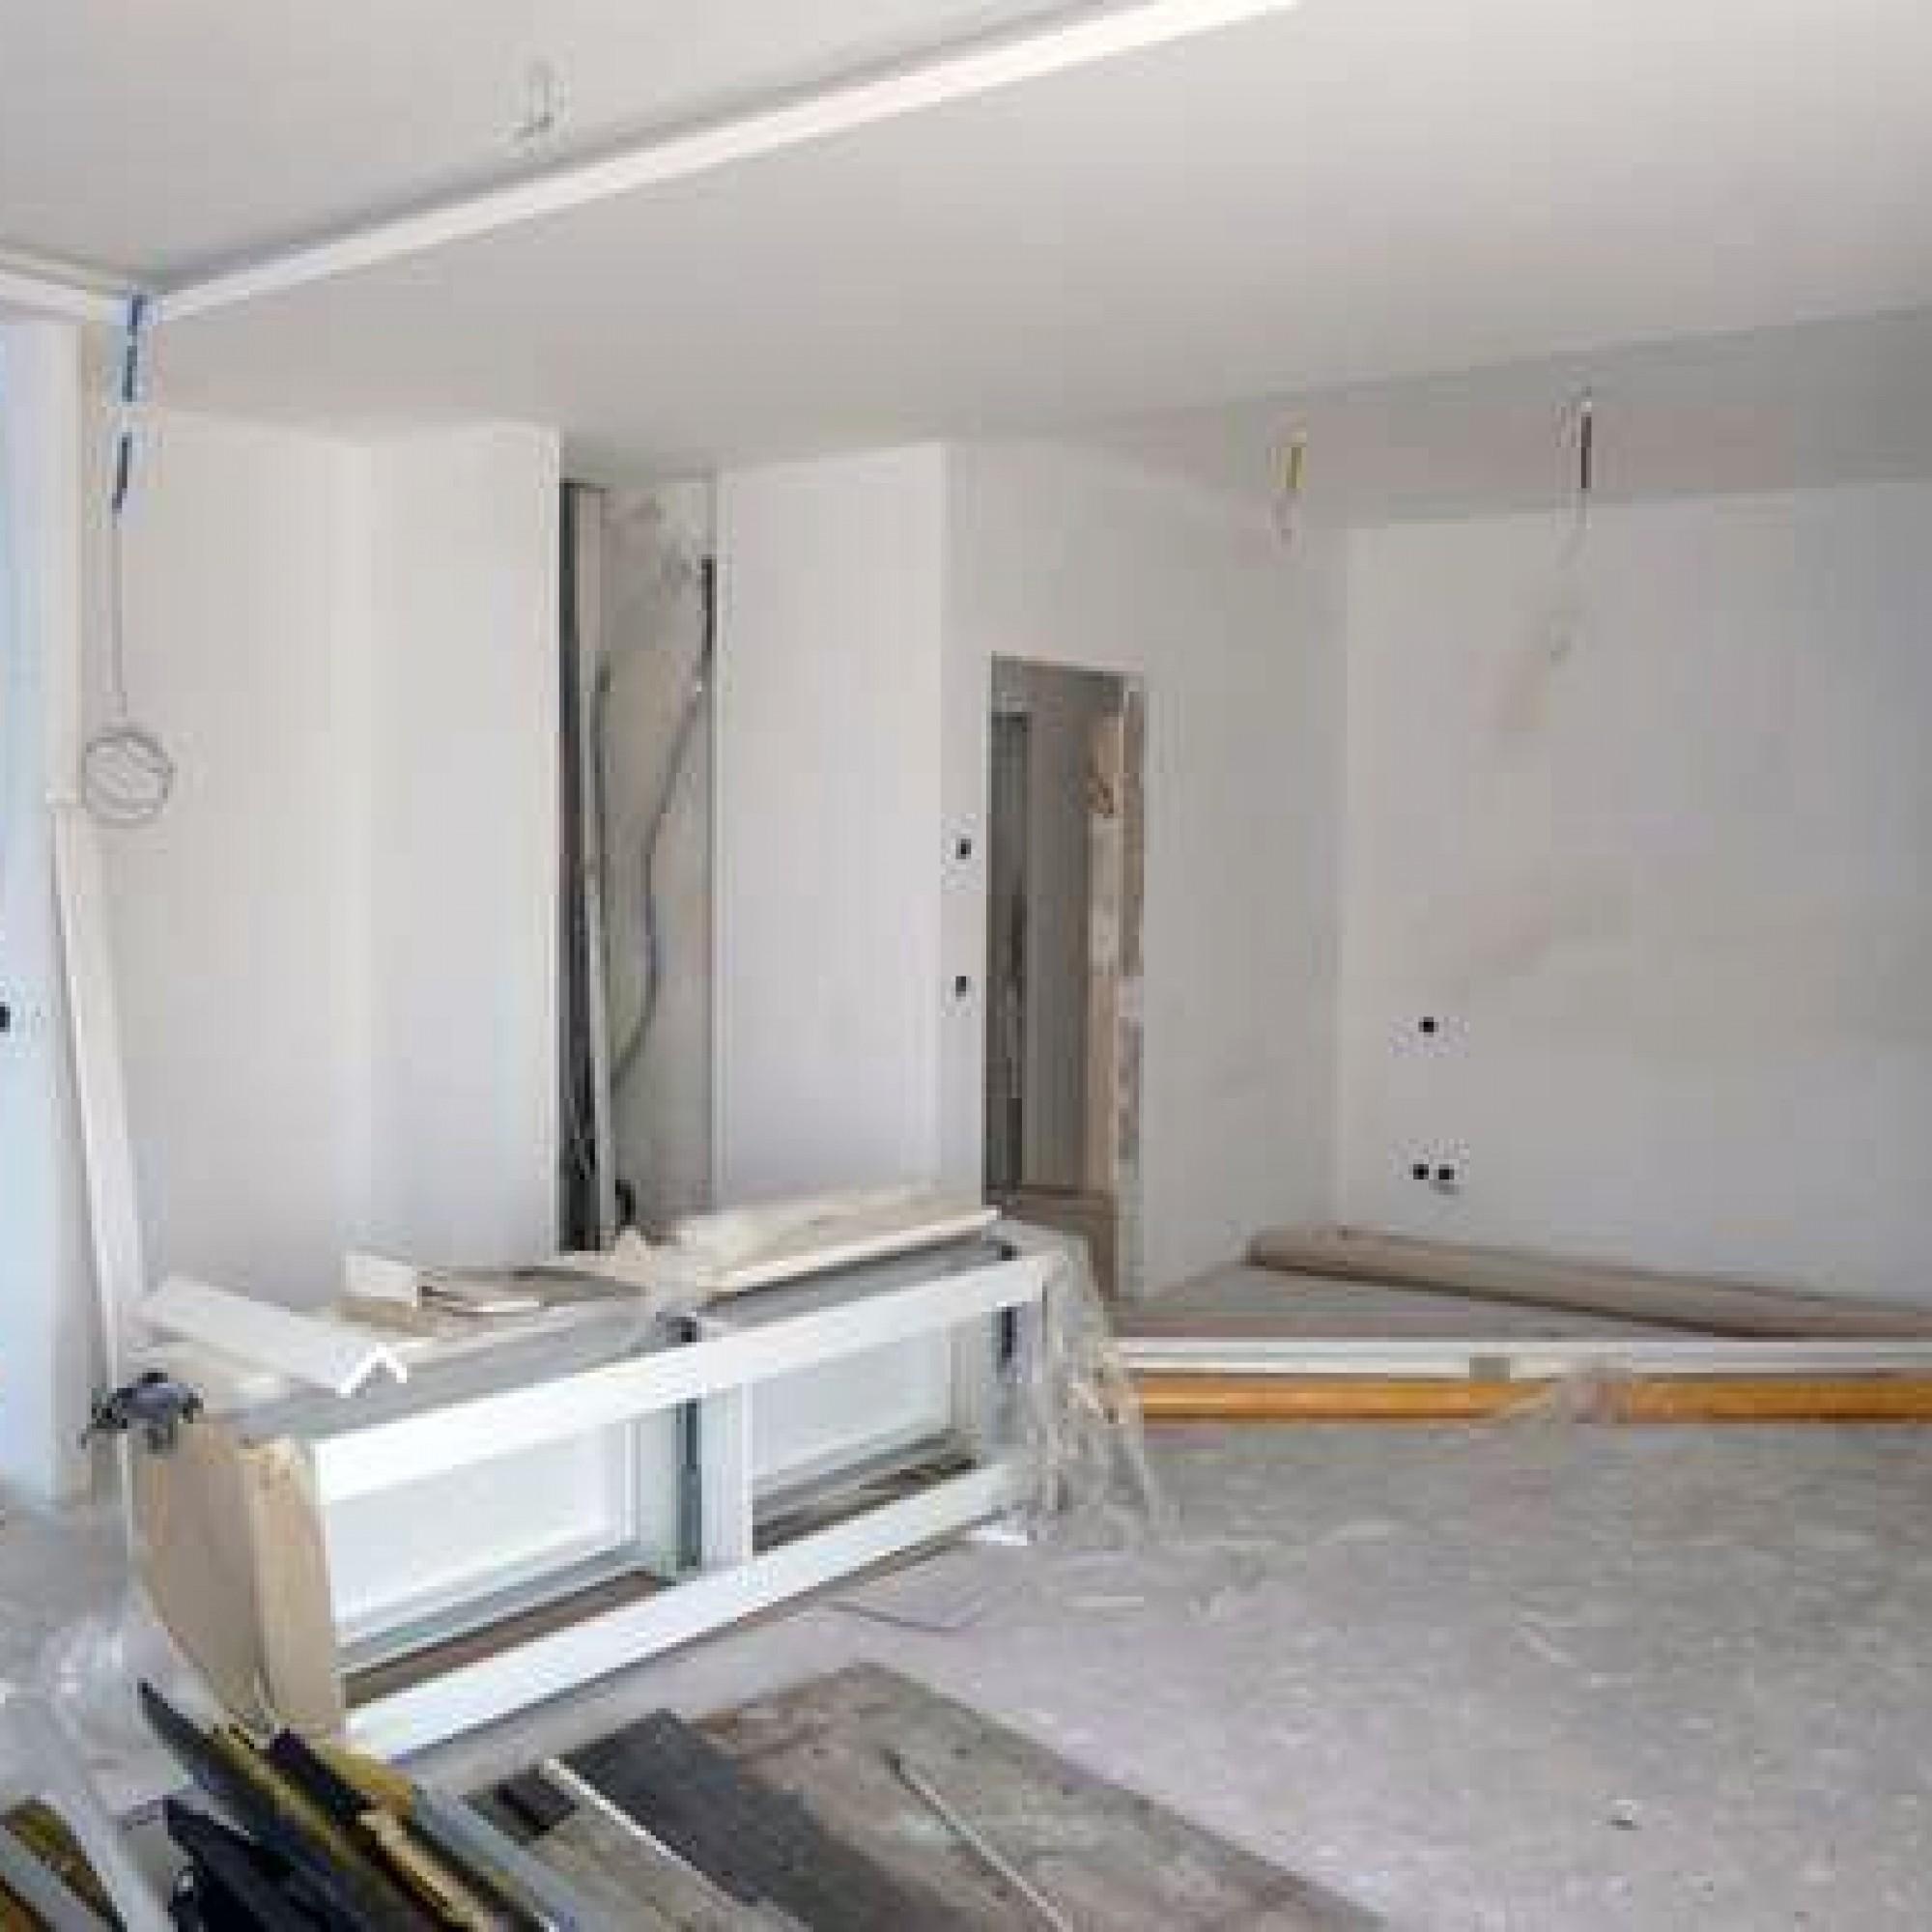 L'ensemble du logement est à l'état brut, toutes les finitions doivent encore être entreprises